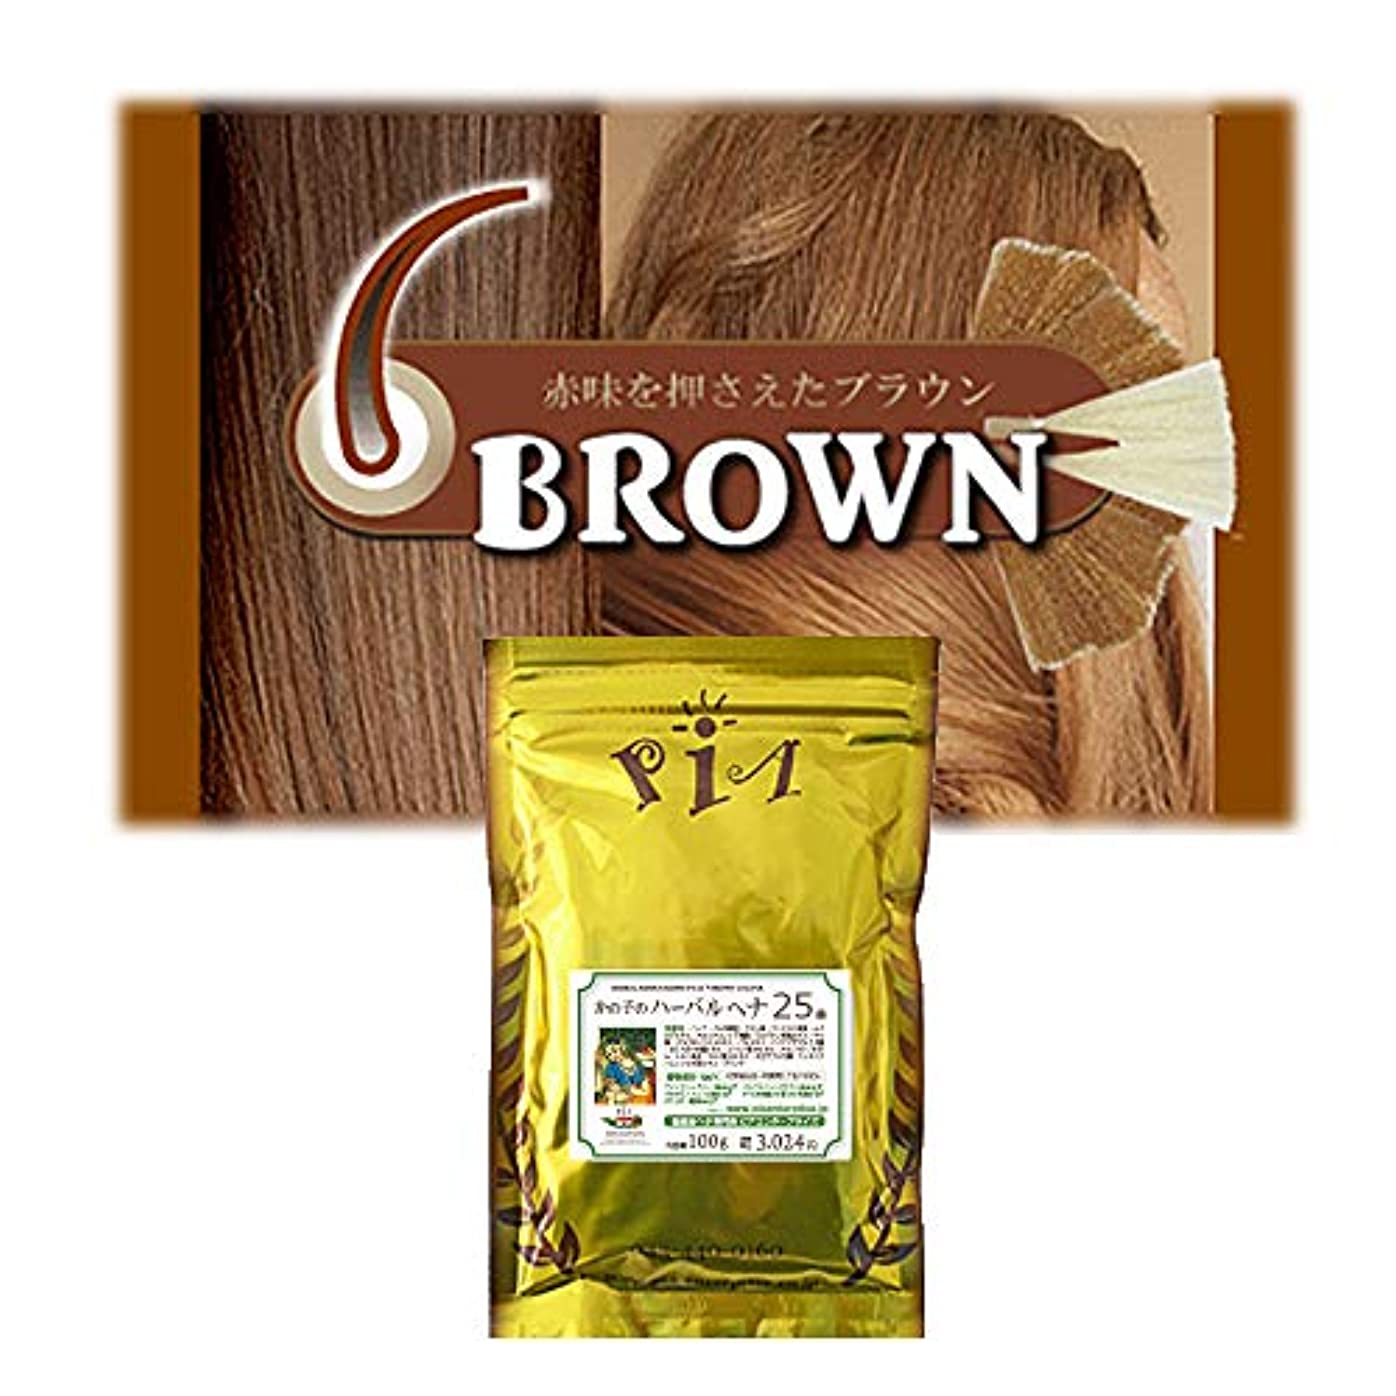 接尾辞持参味方【ヘナ】 かの子のハーバルヘナ25番 (色:ブラウン Brown )単品 ハケブラシはついておりません。